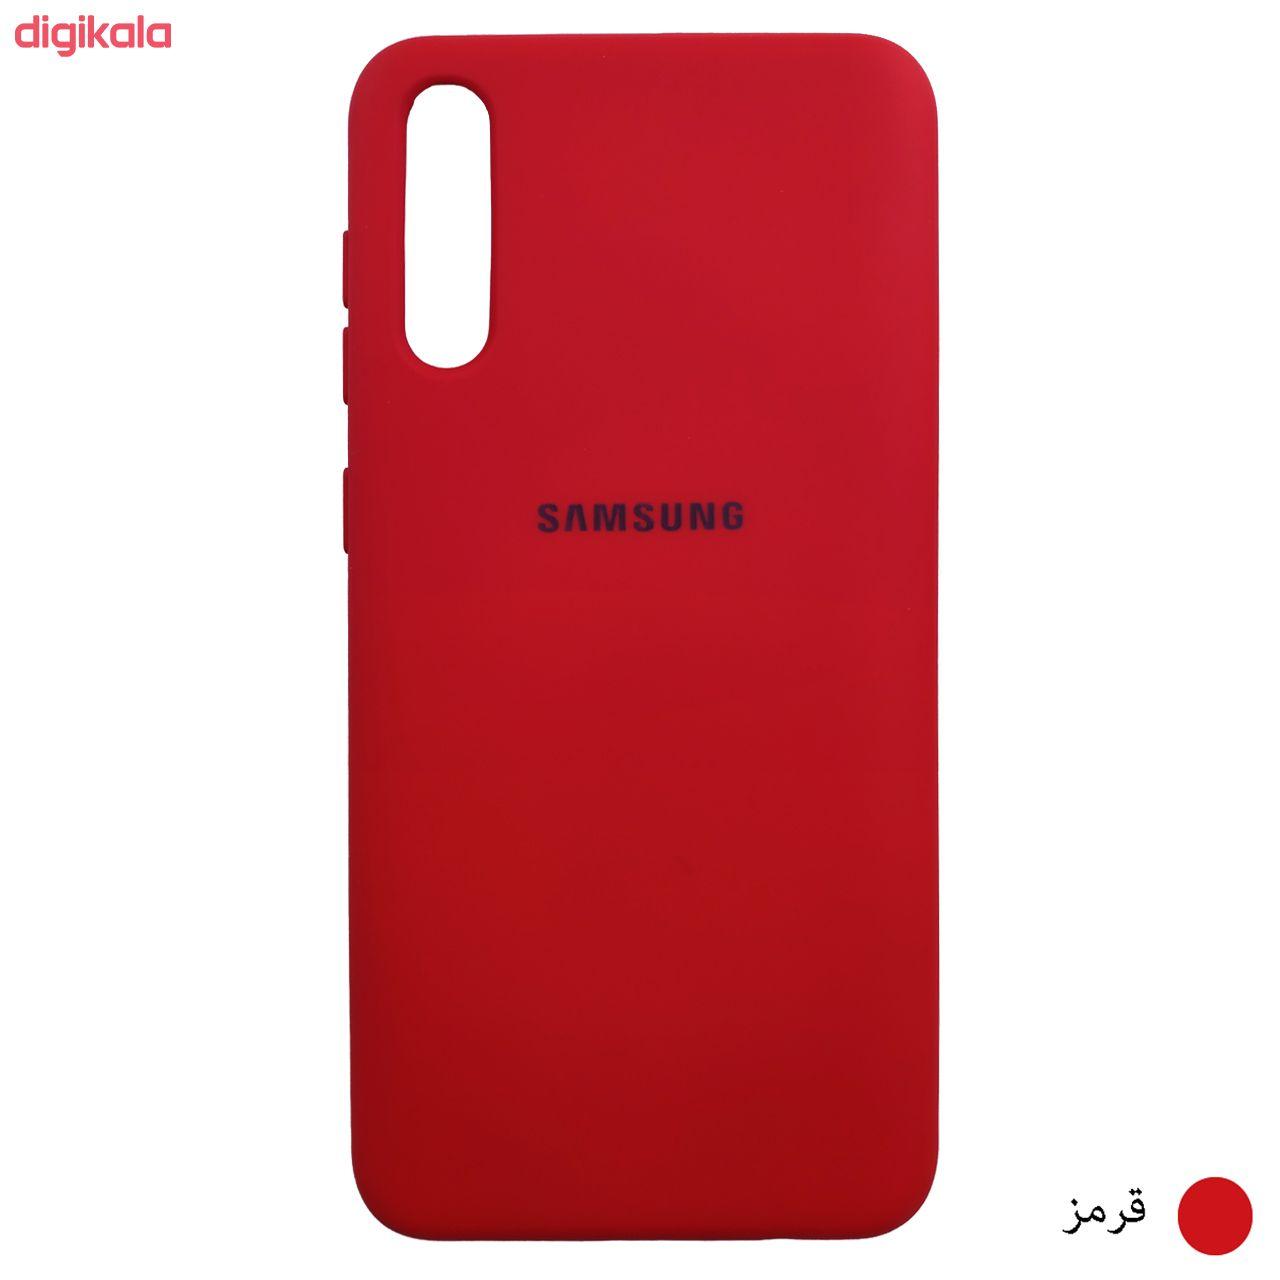 کاور مدل SCN مناسب برای گوشی موبایل سامسونگ Galaxy A50 / A50s / A30s main 1 13